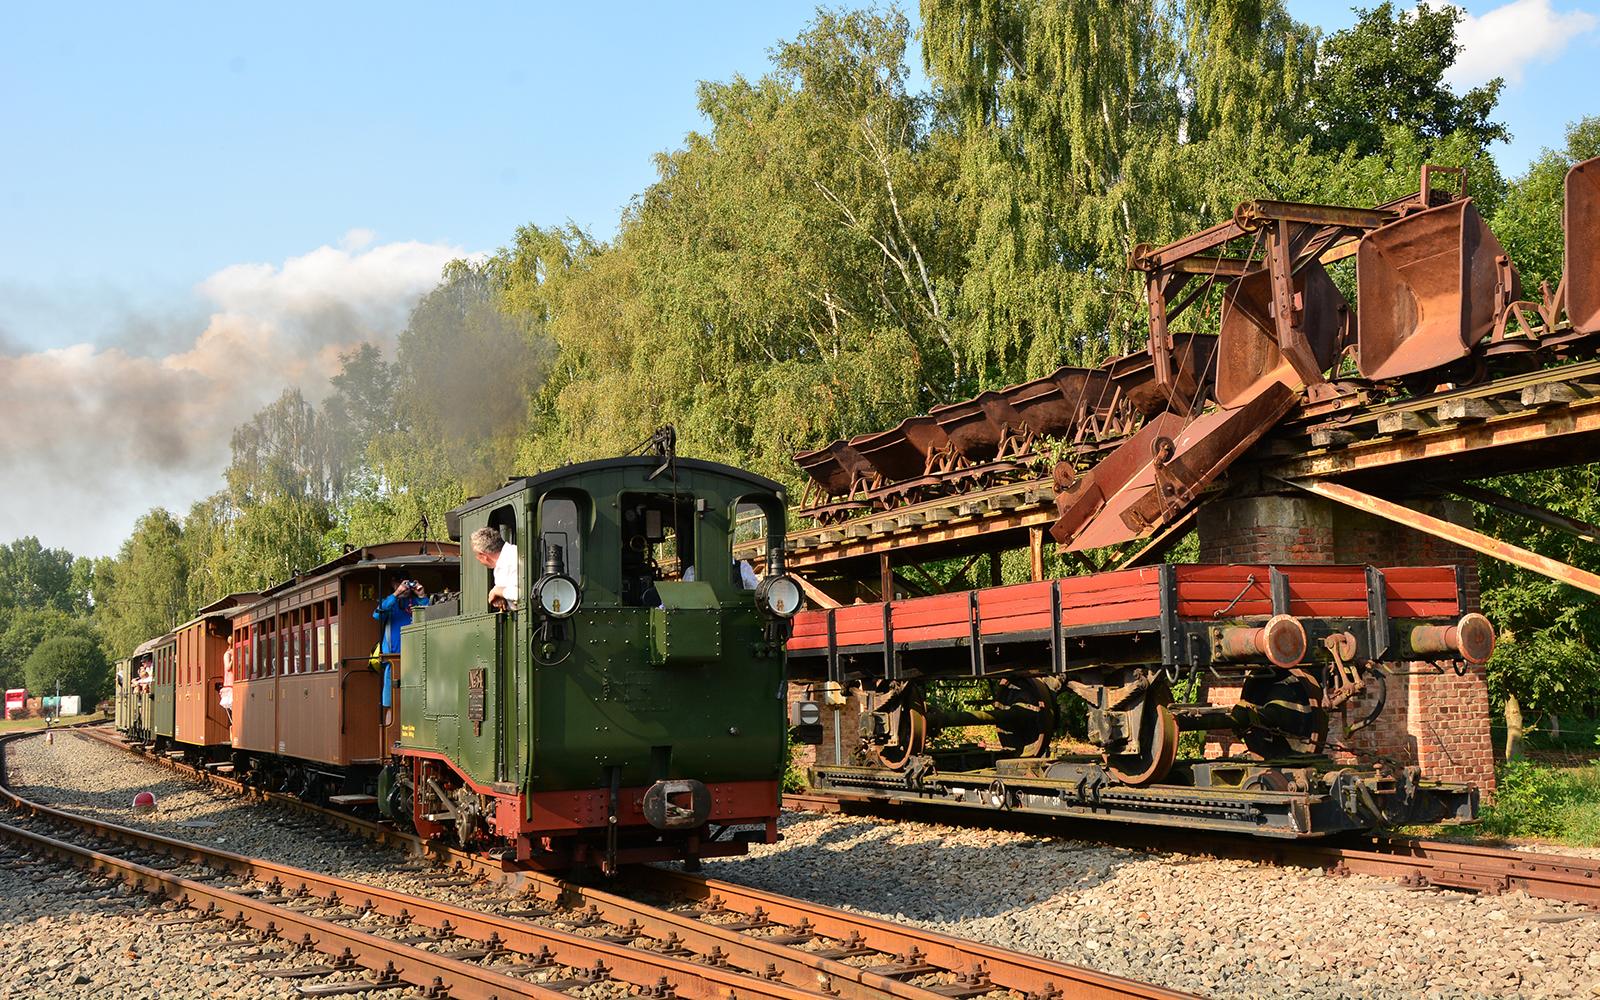 Foto: Ein Nachbau der I K, der ersten Schmalspurbahn-Lokomotive Sachsens, fotografiert von - wie könnte es anders sein - Schmalspurbahn-Fan und railmen-Lokführer Steffen Mann in Mittelsachsen.